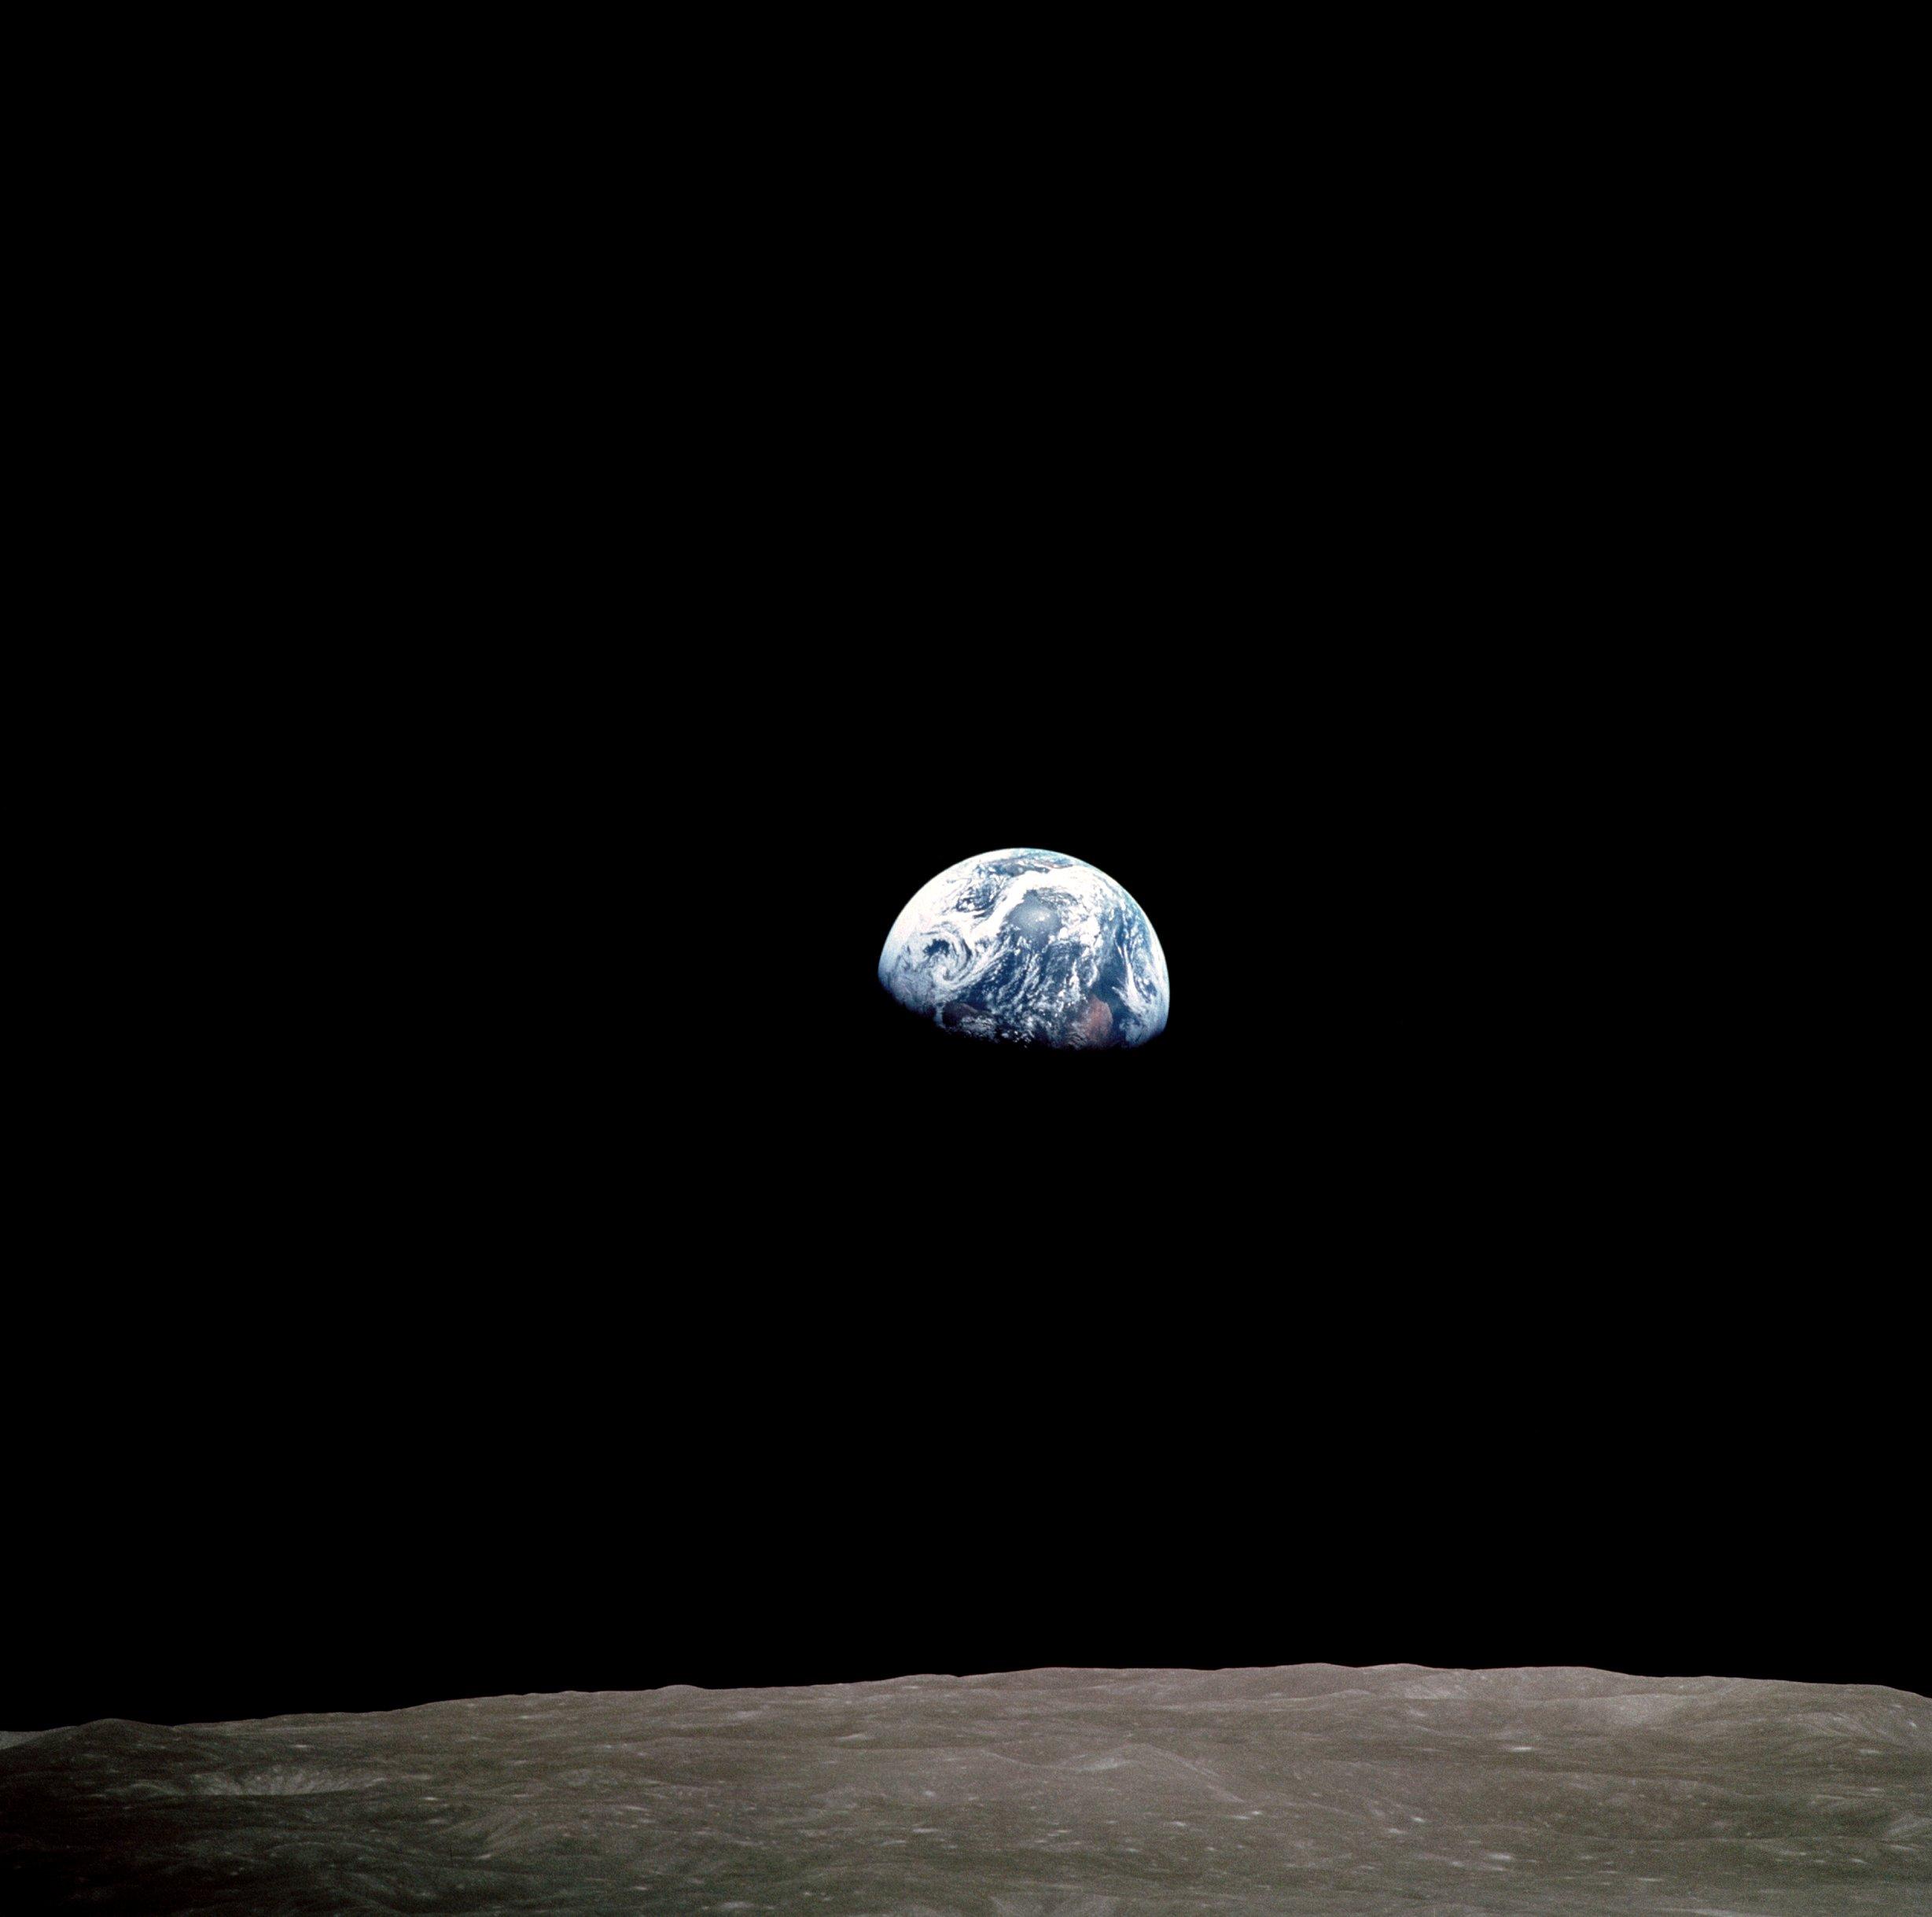 La famosa imagen de la Tierra tomada desde la Luna por los astronautas del Apollo 8. La foto no prueba que la Tierra es redonda, prueba que es posible ir al espacio a comprobarlo. Crédito: NASA